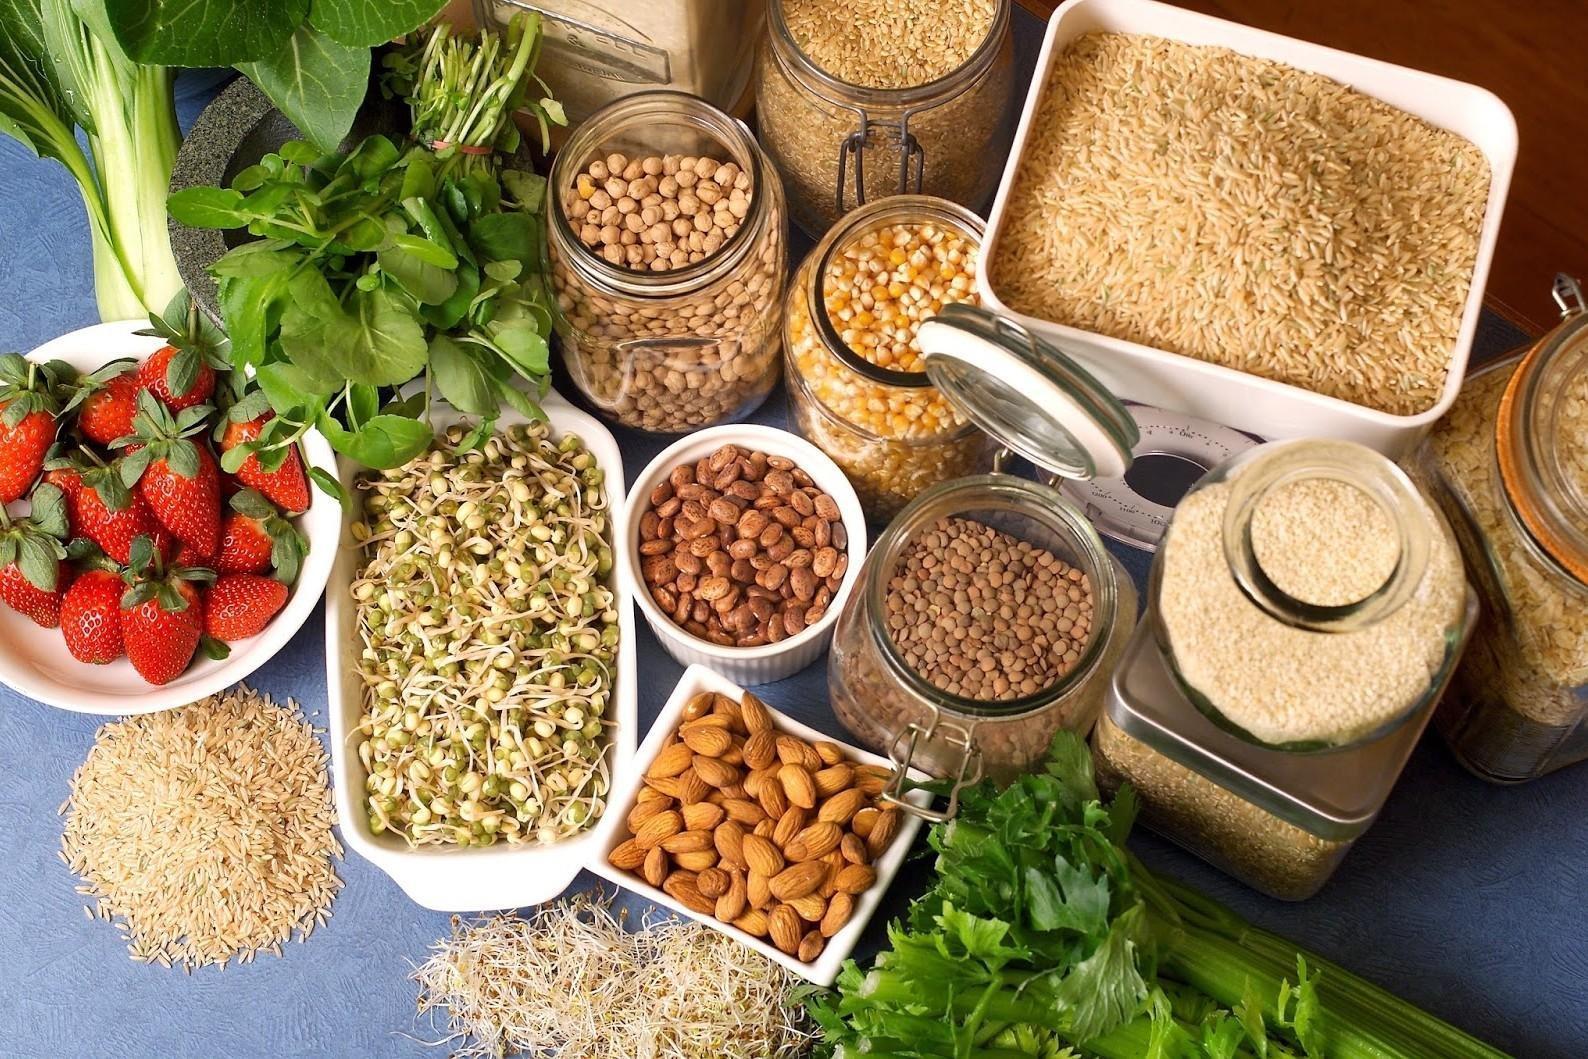 Клетчатка: в каких продуктах содержится, польза, норма в день, функции и диета богатая клетчаткой